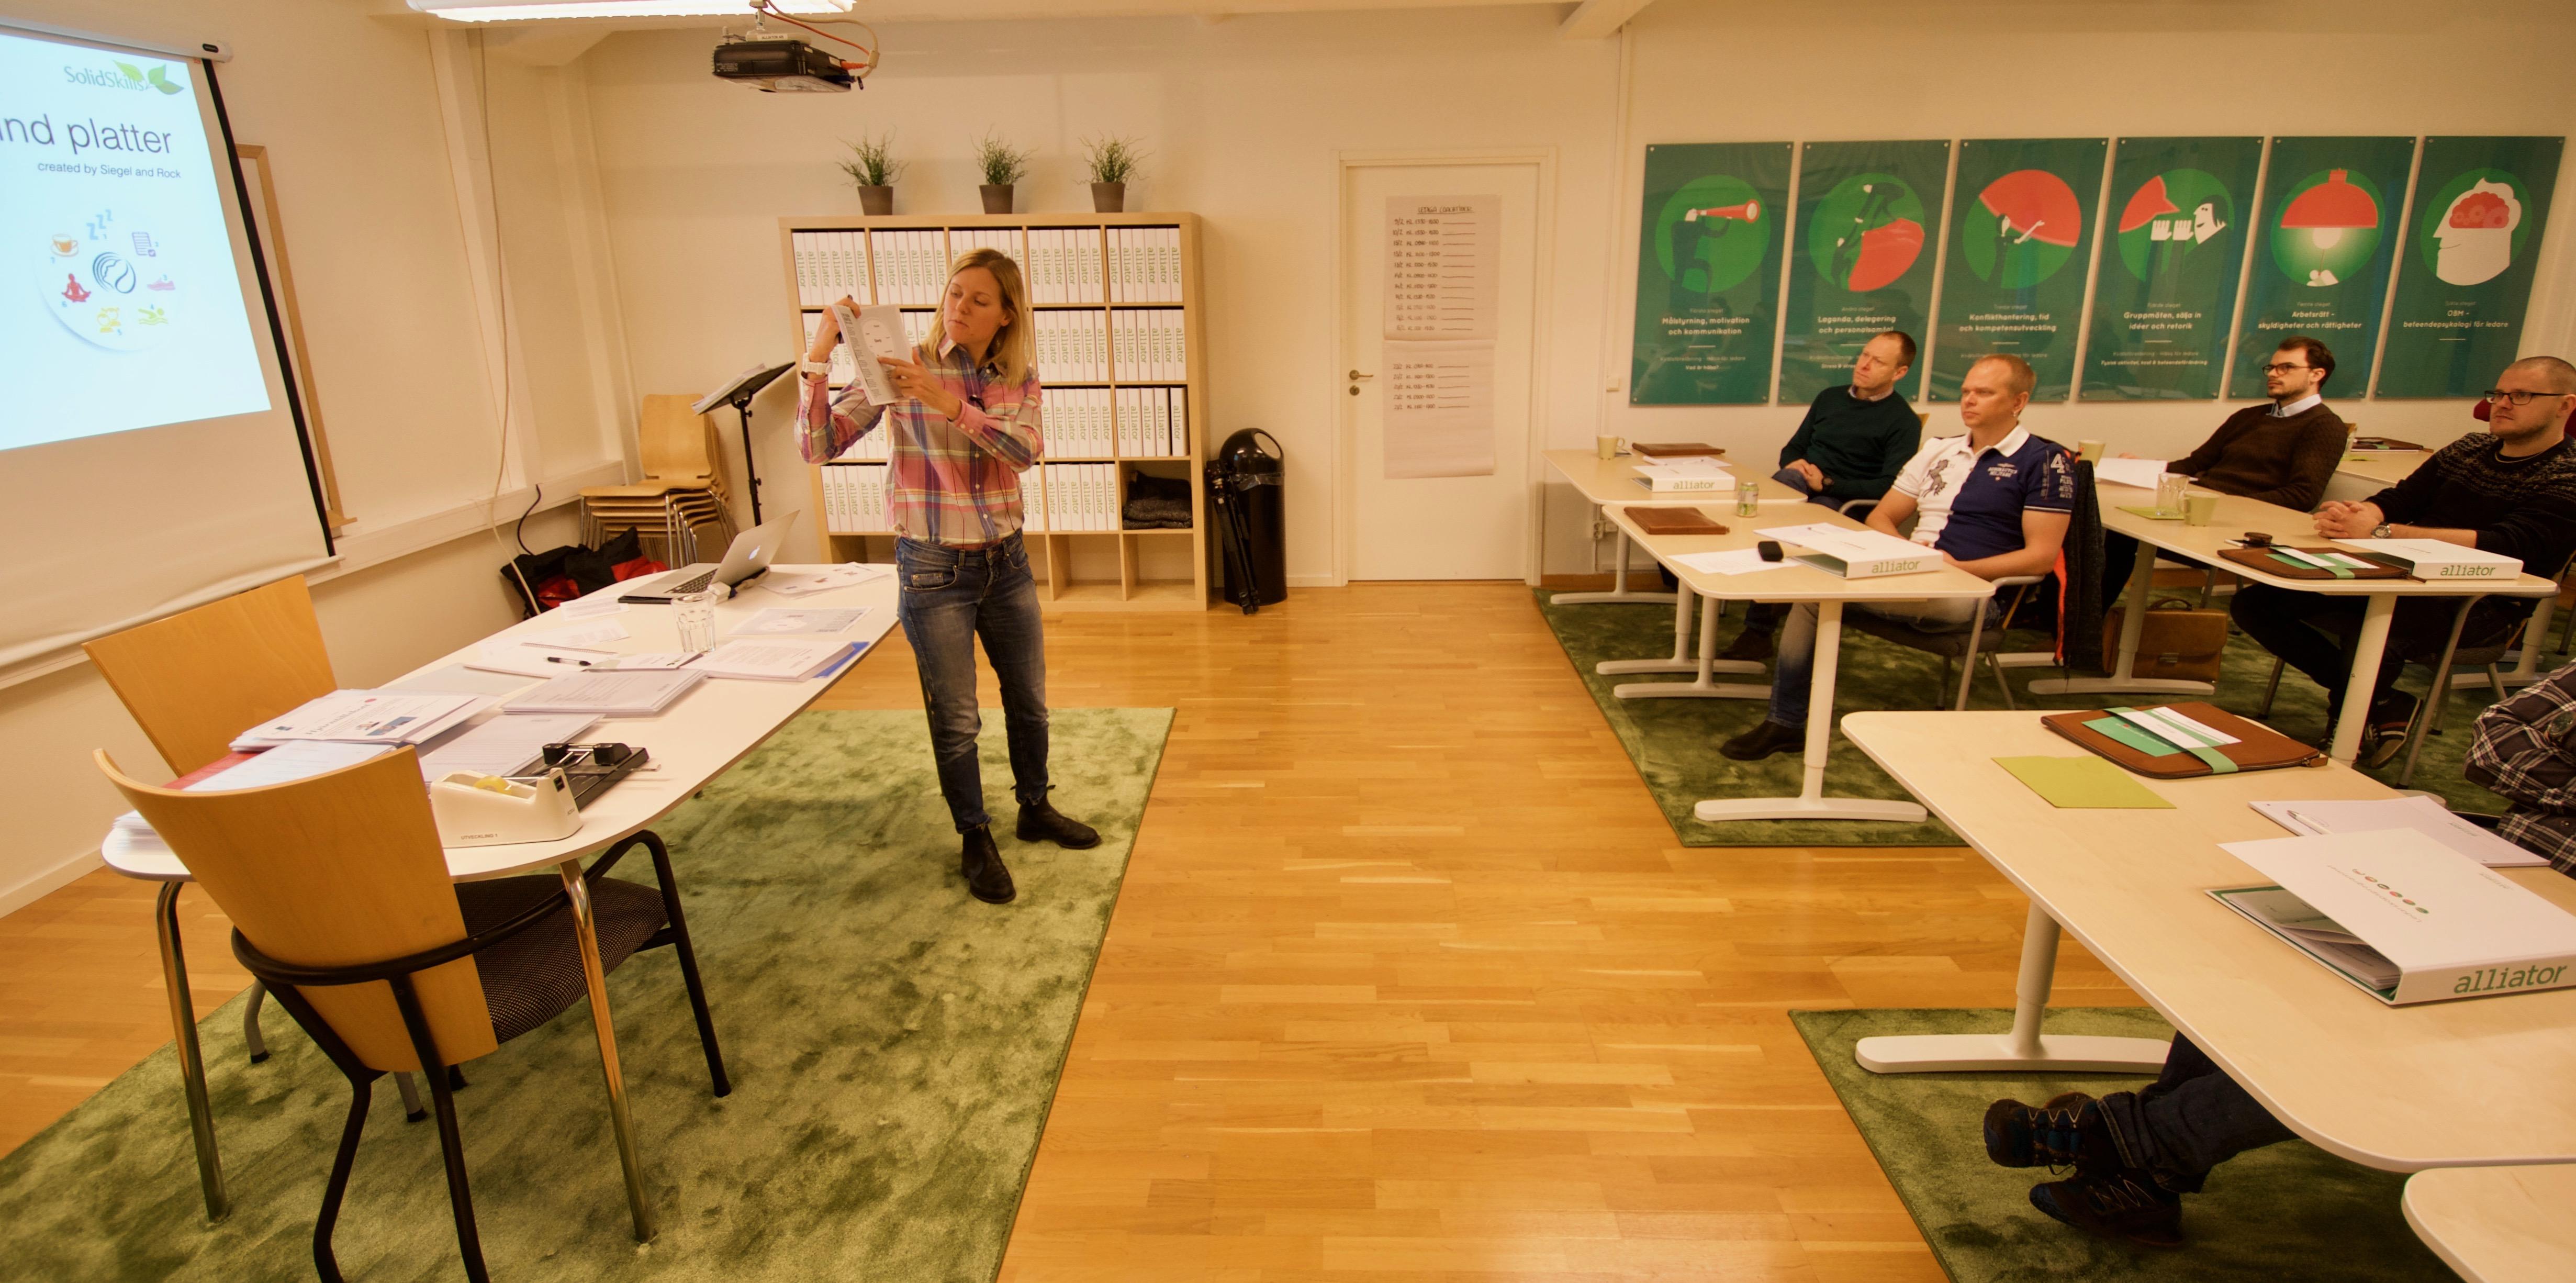 Emelie föreläser om effektiv kommunikation